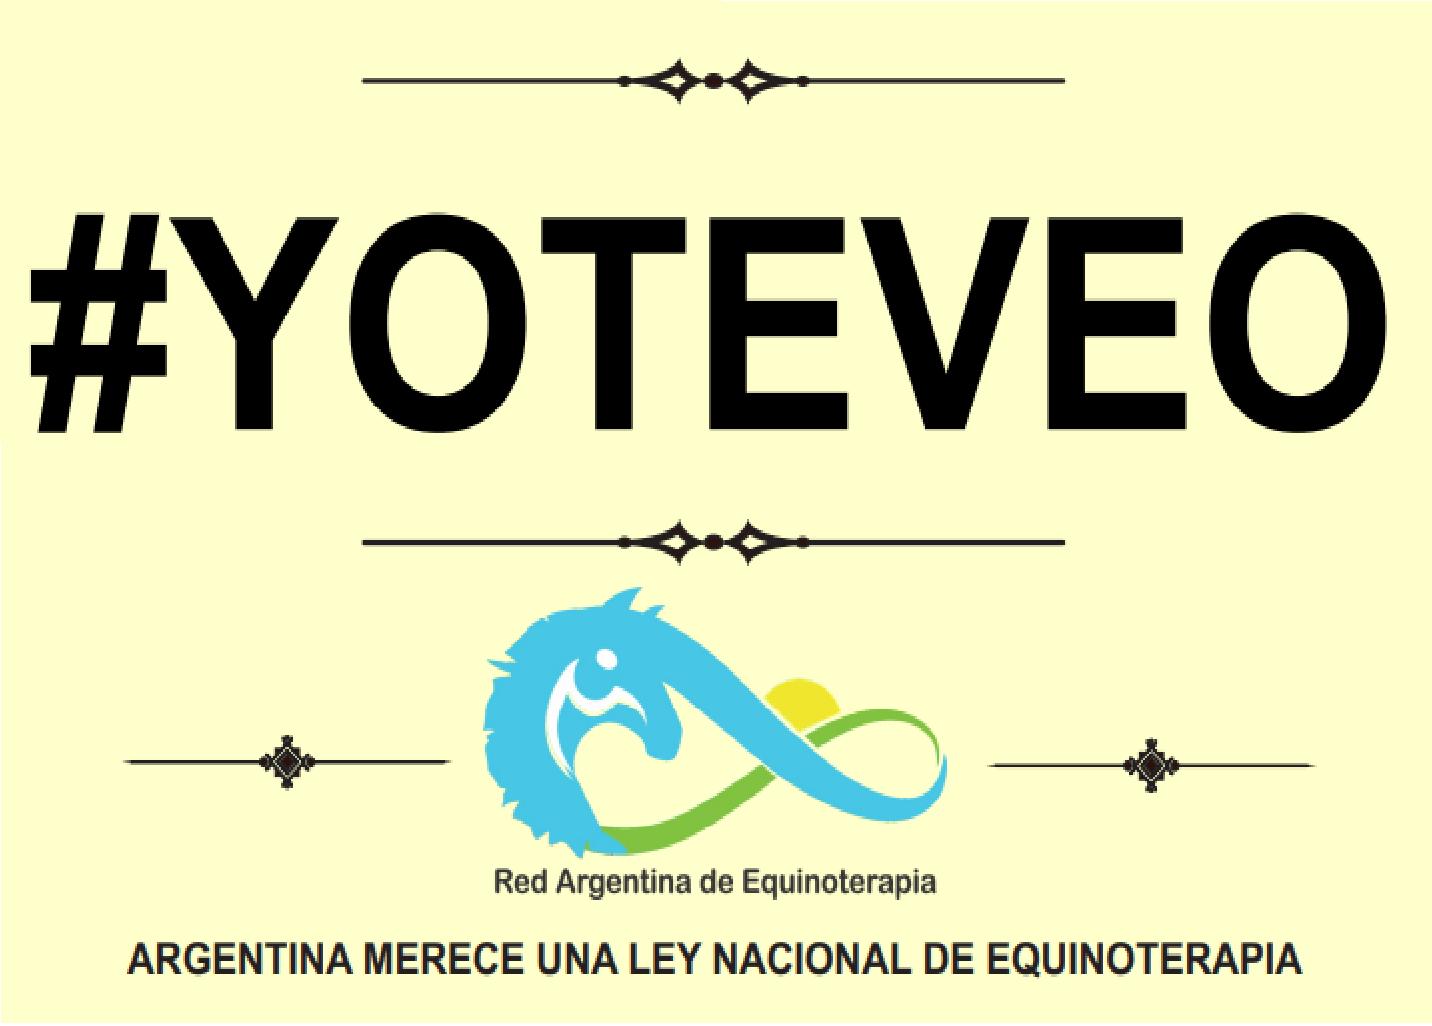 Convocan a la gente a sumarse a la campaña en redes sociales #YOTEVEO